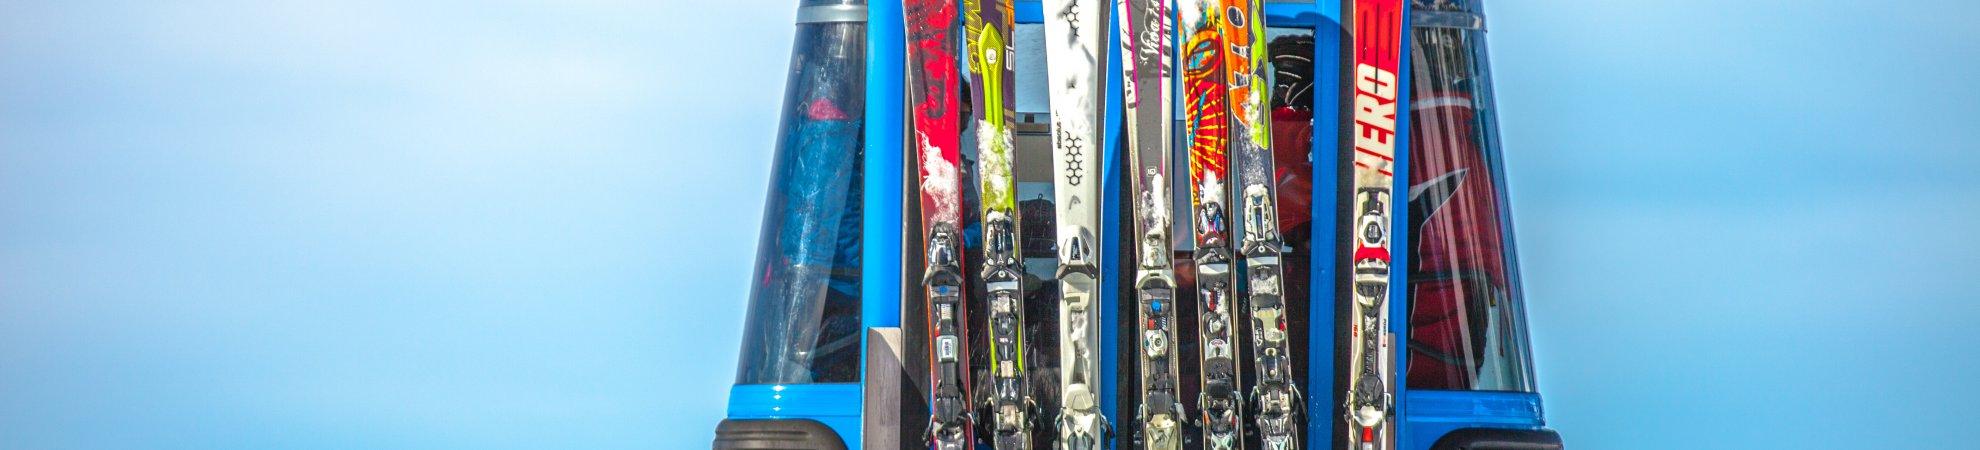 Save money on ski holiday